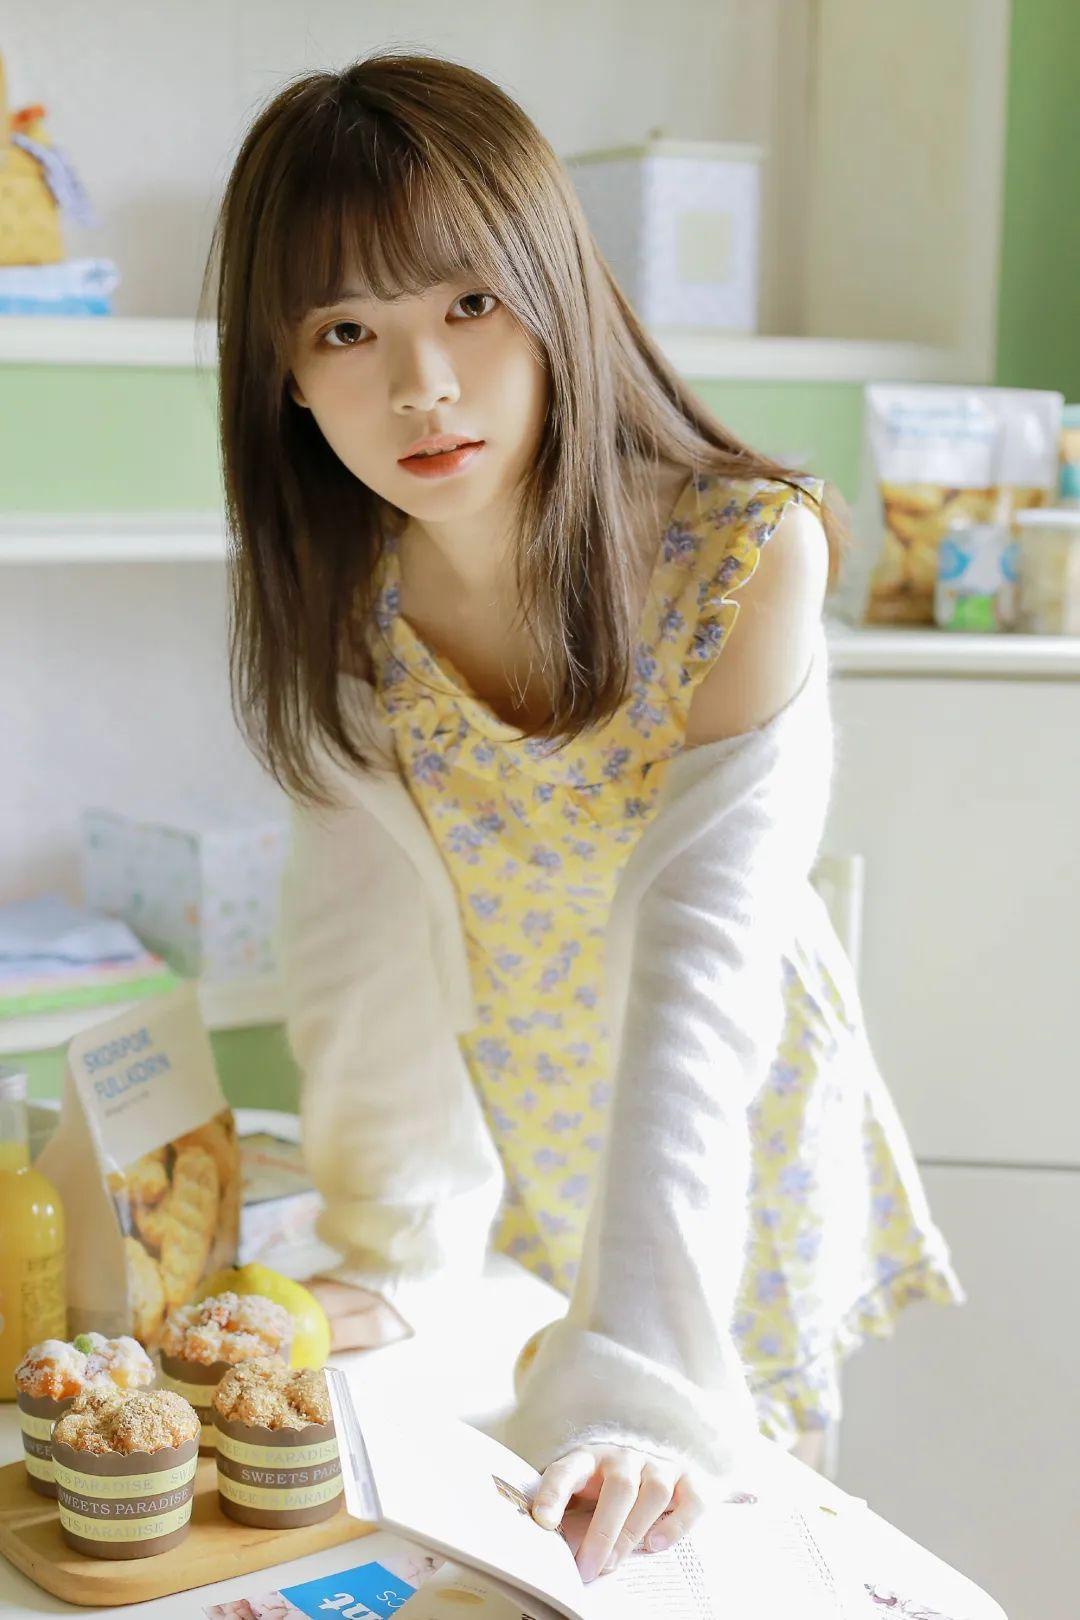 妹子摄影 – 青春少女白色小腿袜_图片 No.8